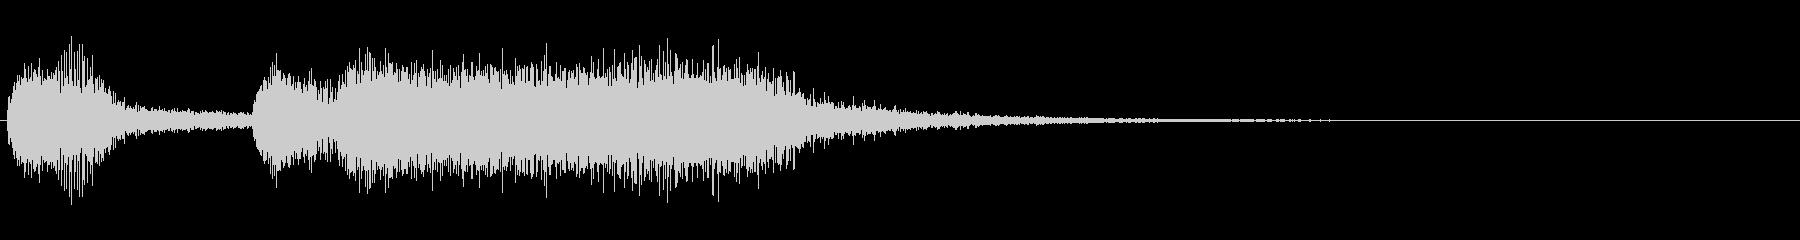 勝利のファンファーレ/オーケストラ/3秒の未再生の波形